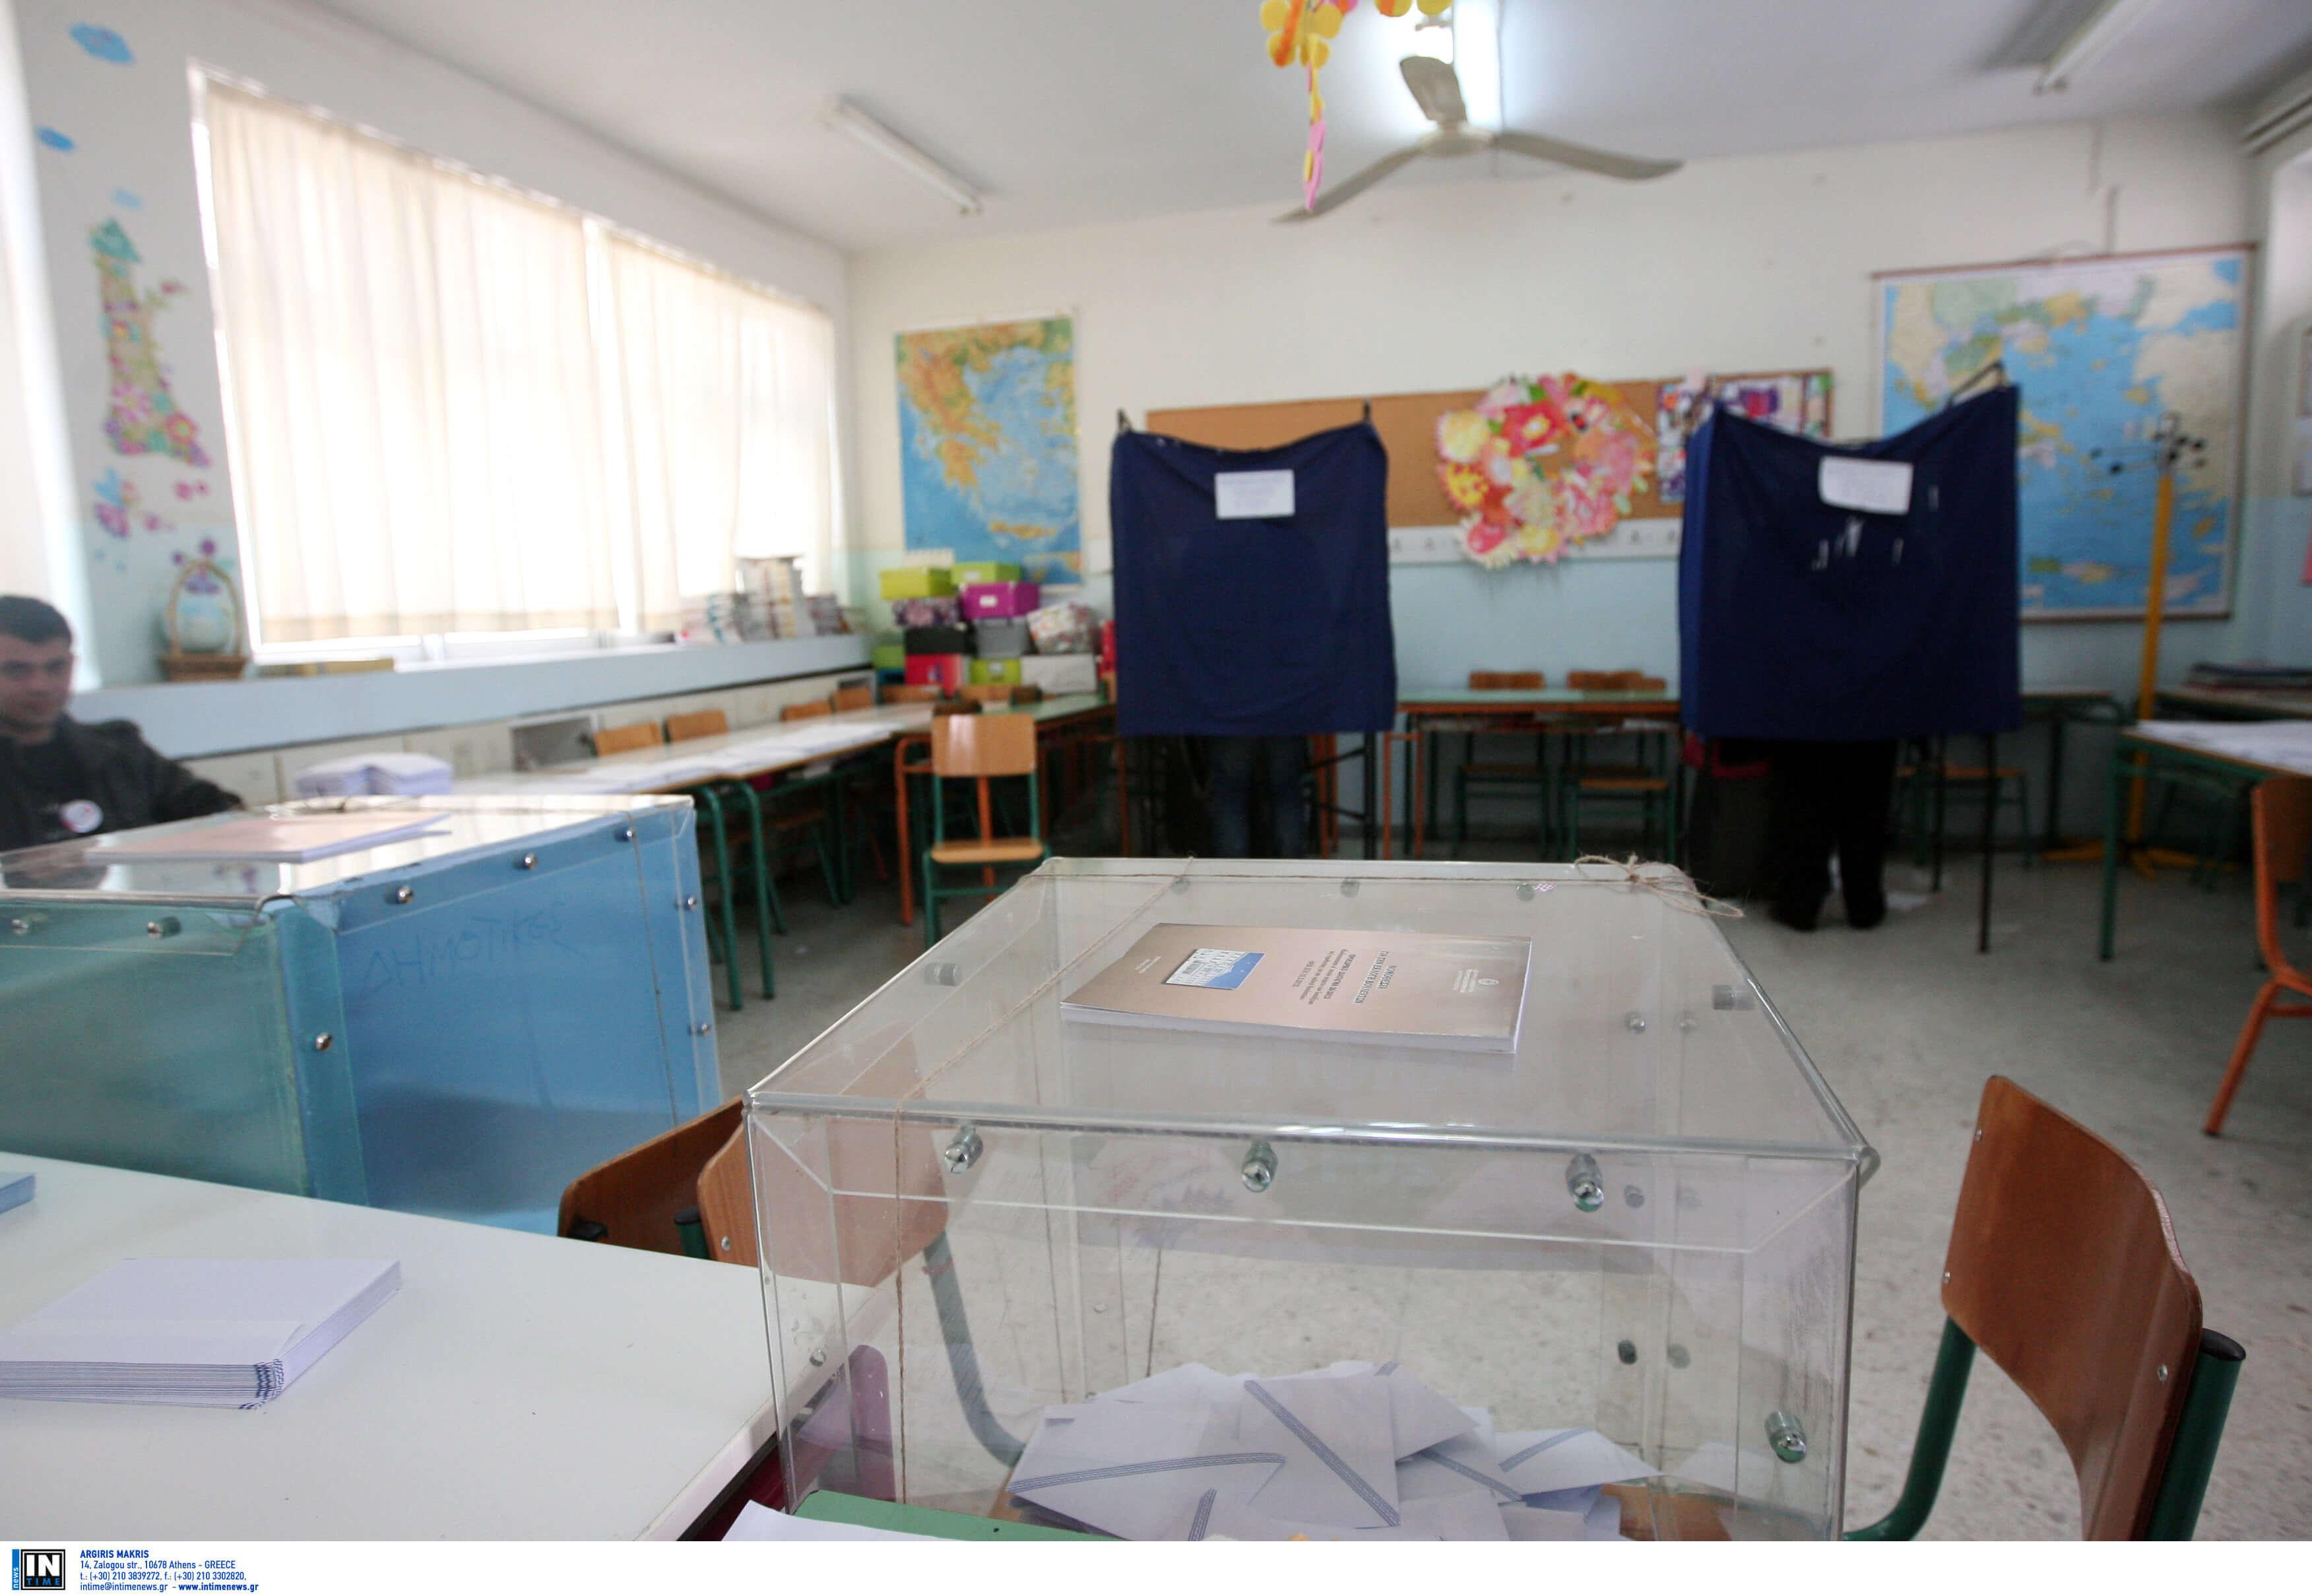 Αποτελέσματα Εκλογών – Σταυροί προτίμησης Δήμος Αιγάλεω: Ποιοι δημοτικοί σύμβουλοι εκλέγονται